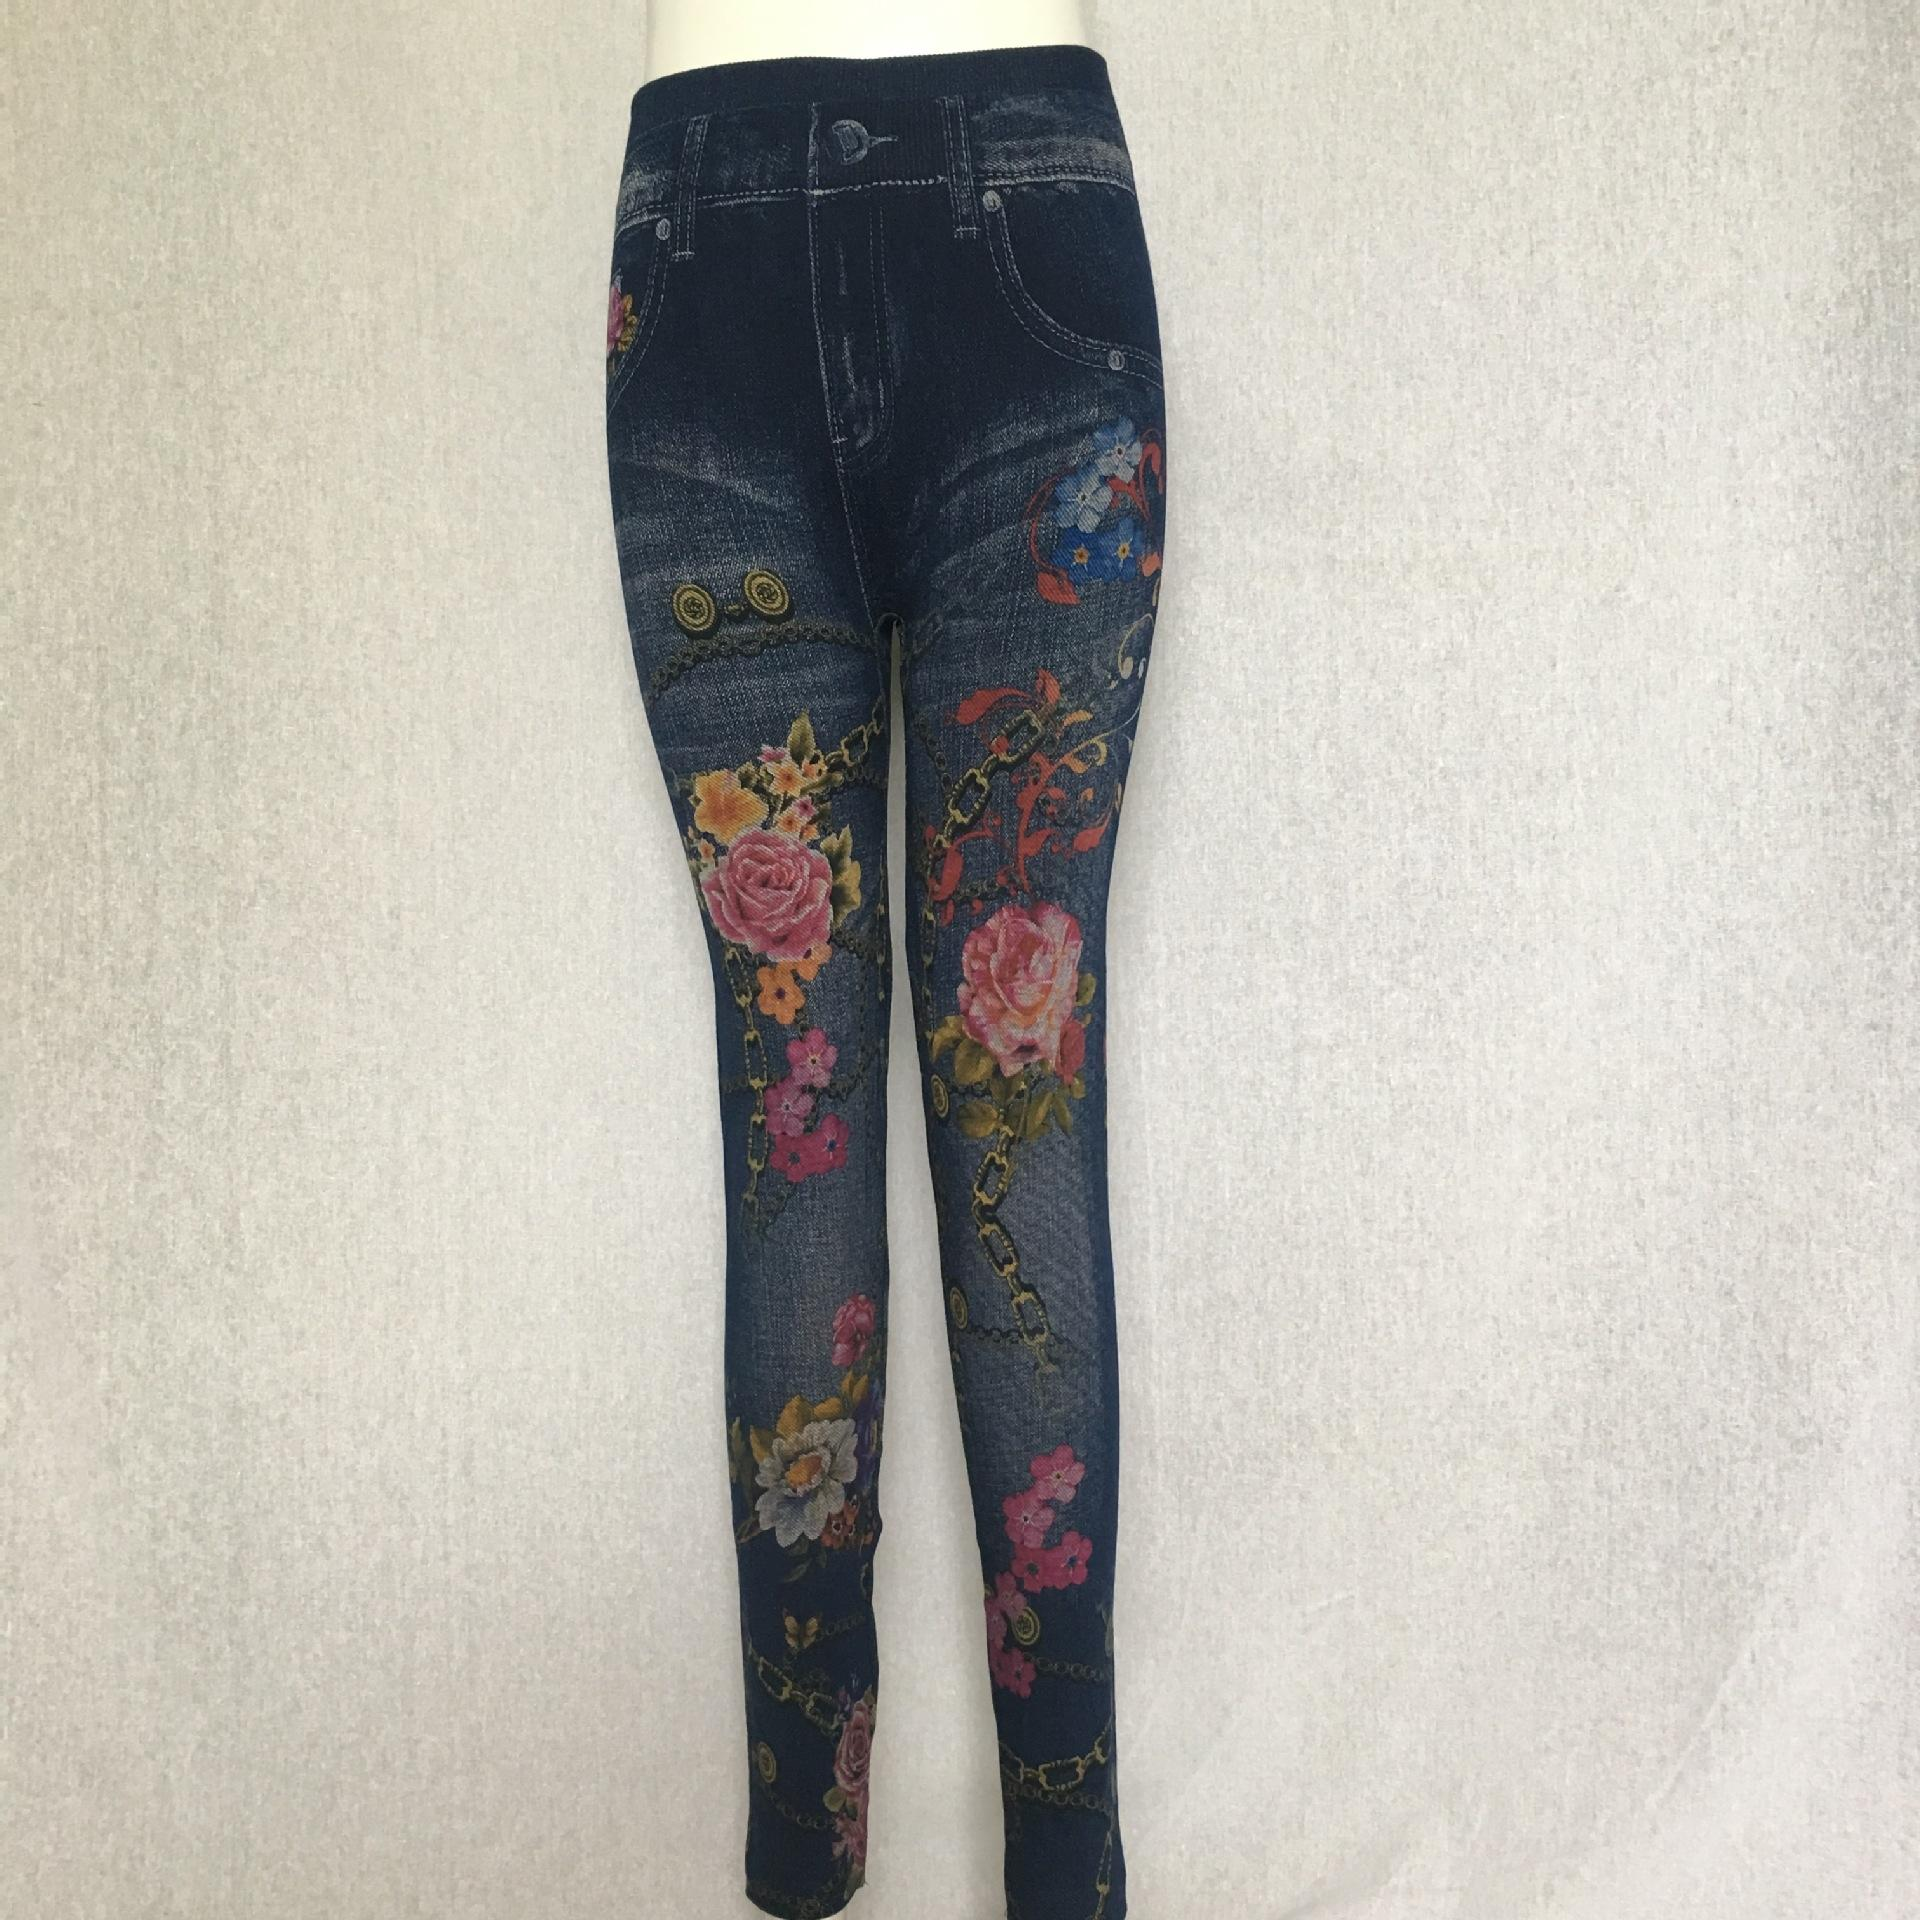 stretch zUCWK Pnibb leggings em forma de coração feminino ocos-out calças jeans grande extensão em forma de coração oco-out Grande calças apertadas tigh das mulheres